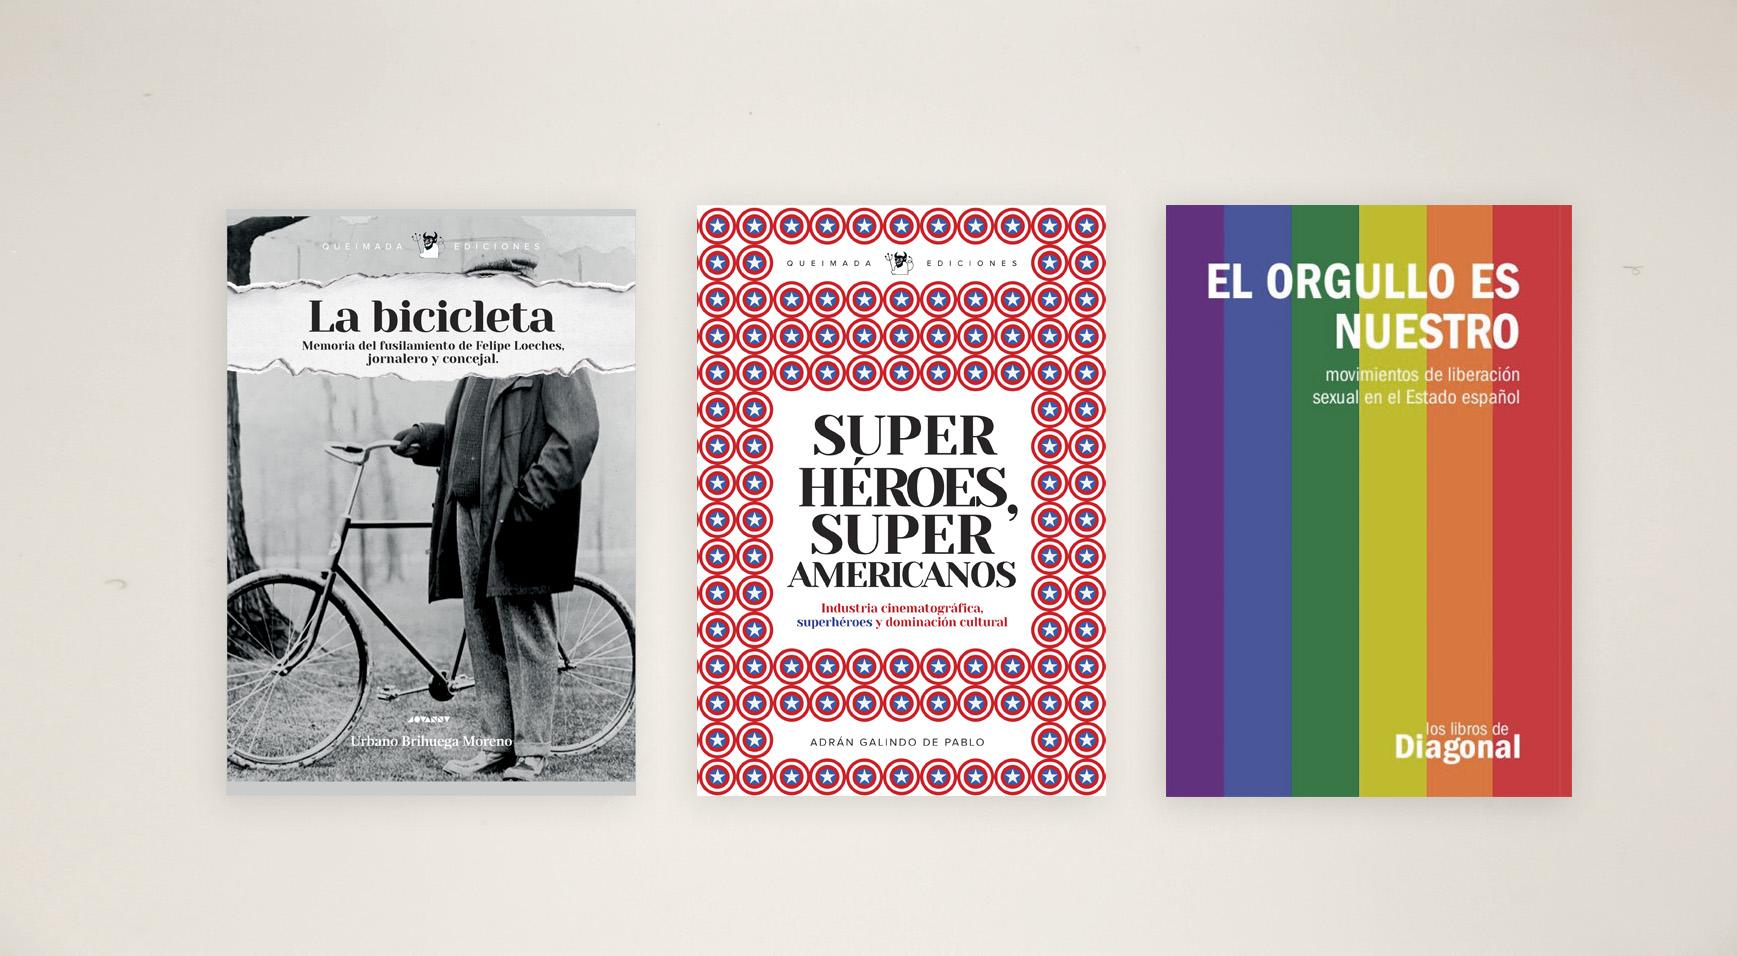 Diseño editorial — Libros, periódicos, informes, revistas